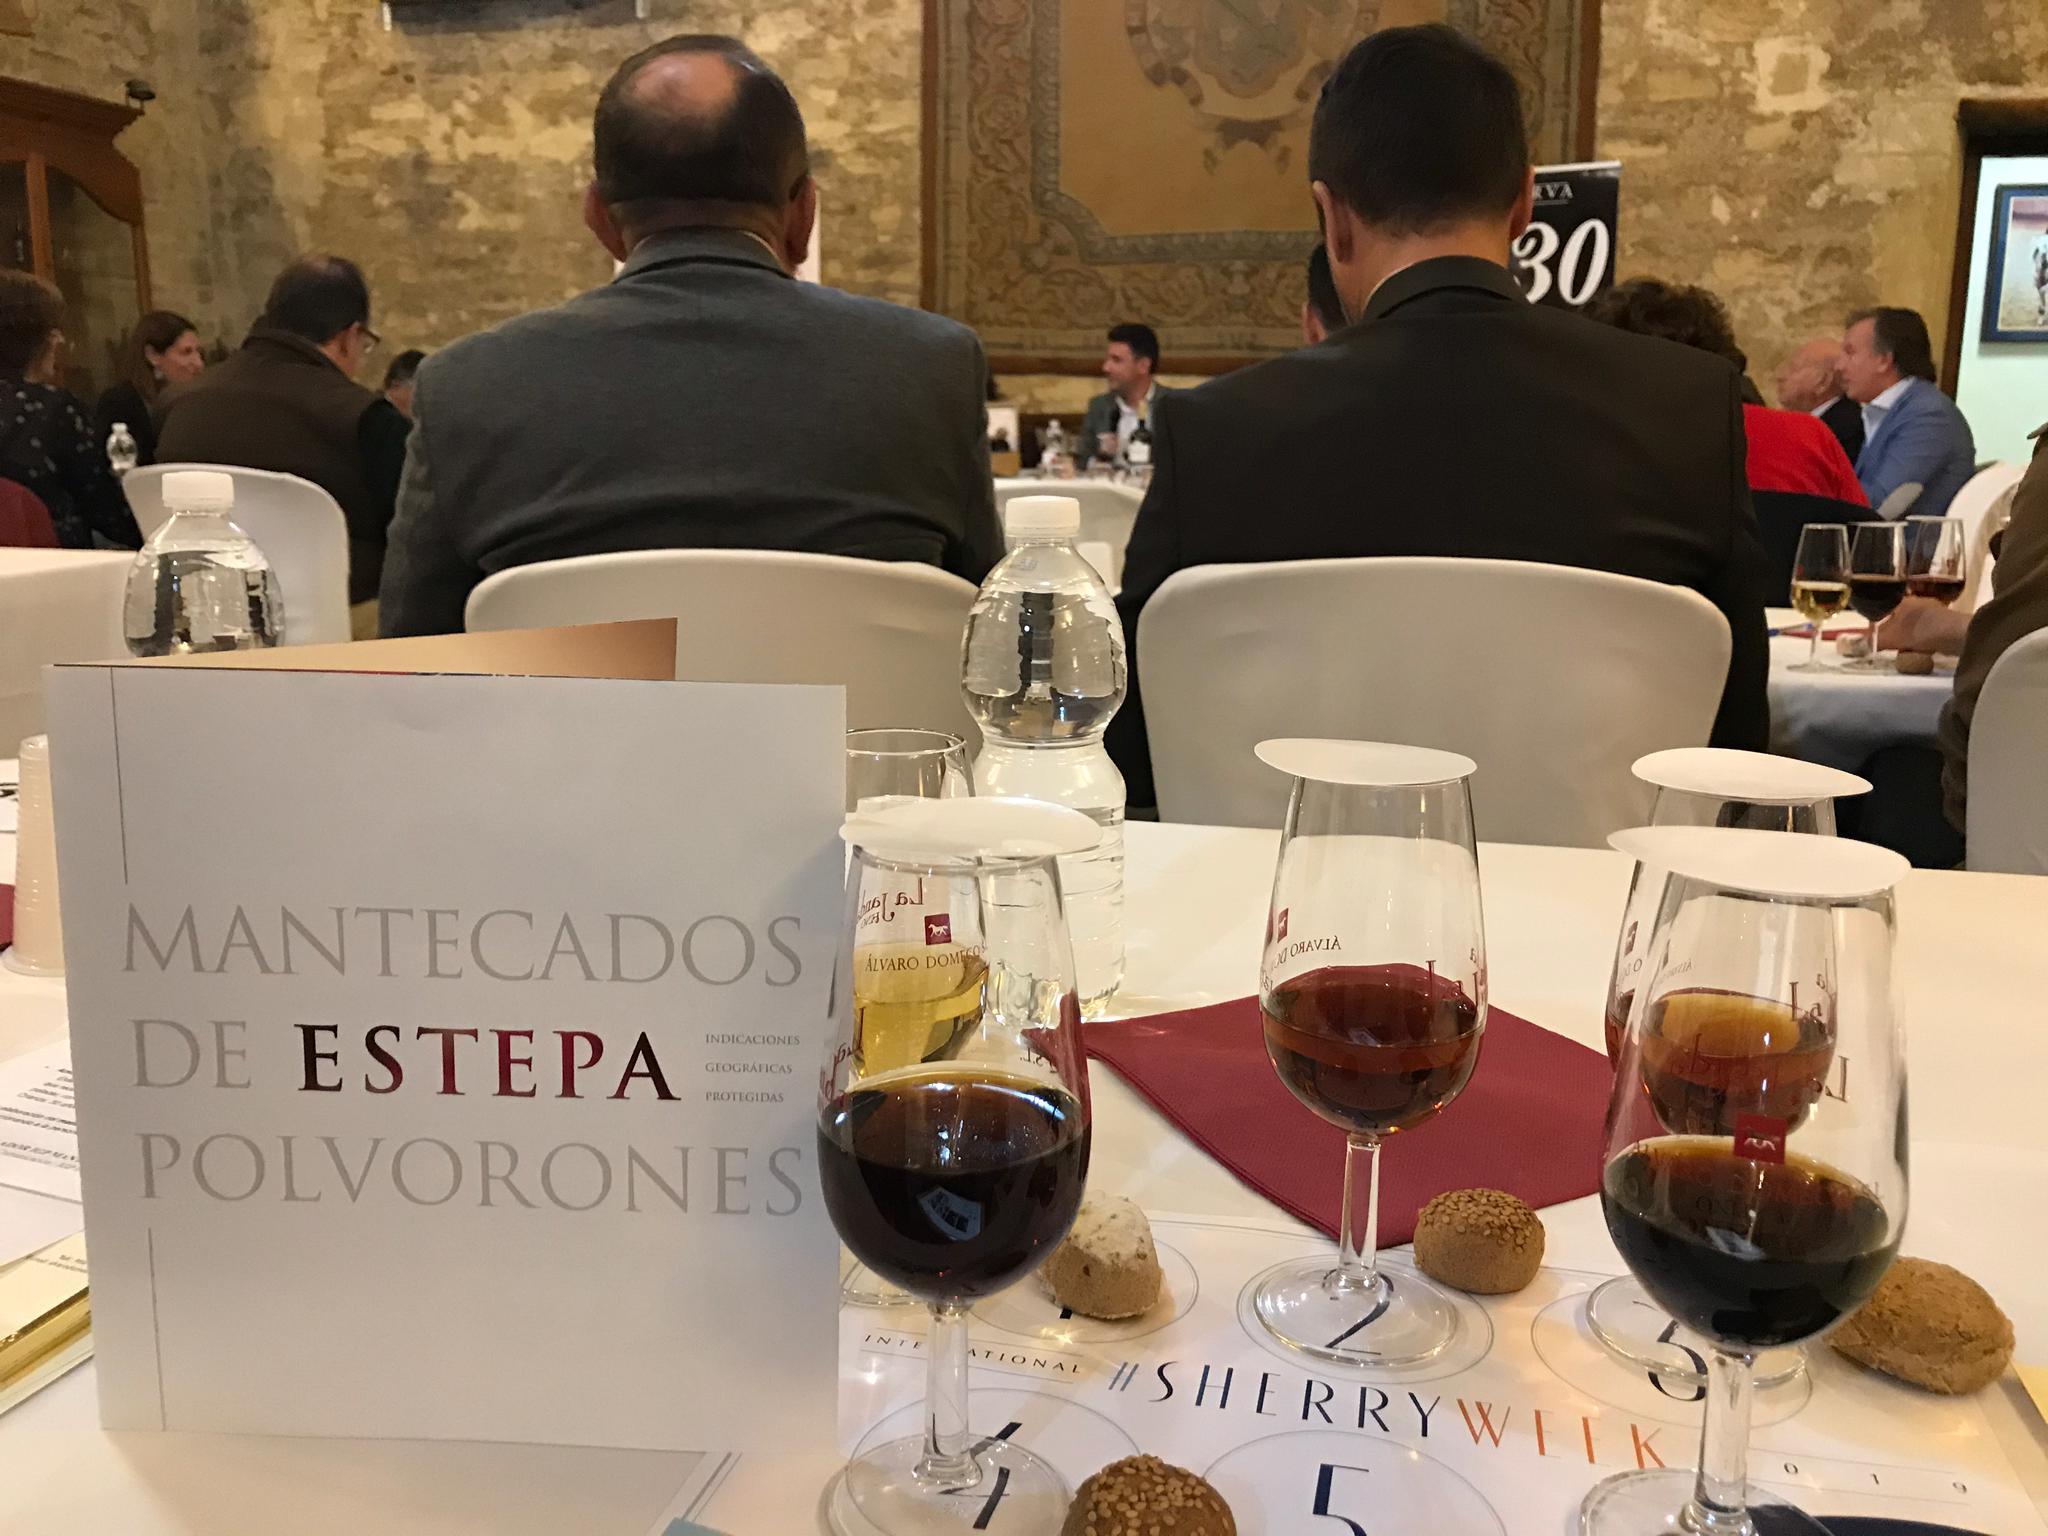 Los mantecados y polvorones de Estepa,  maridados con el mejor vino de Jerez